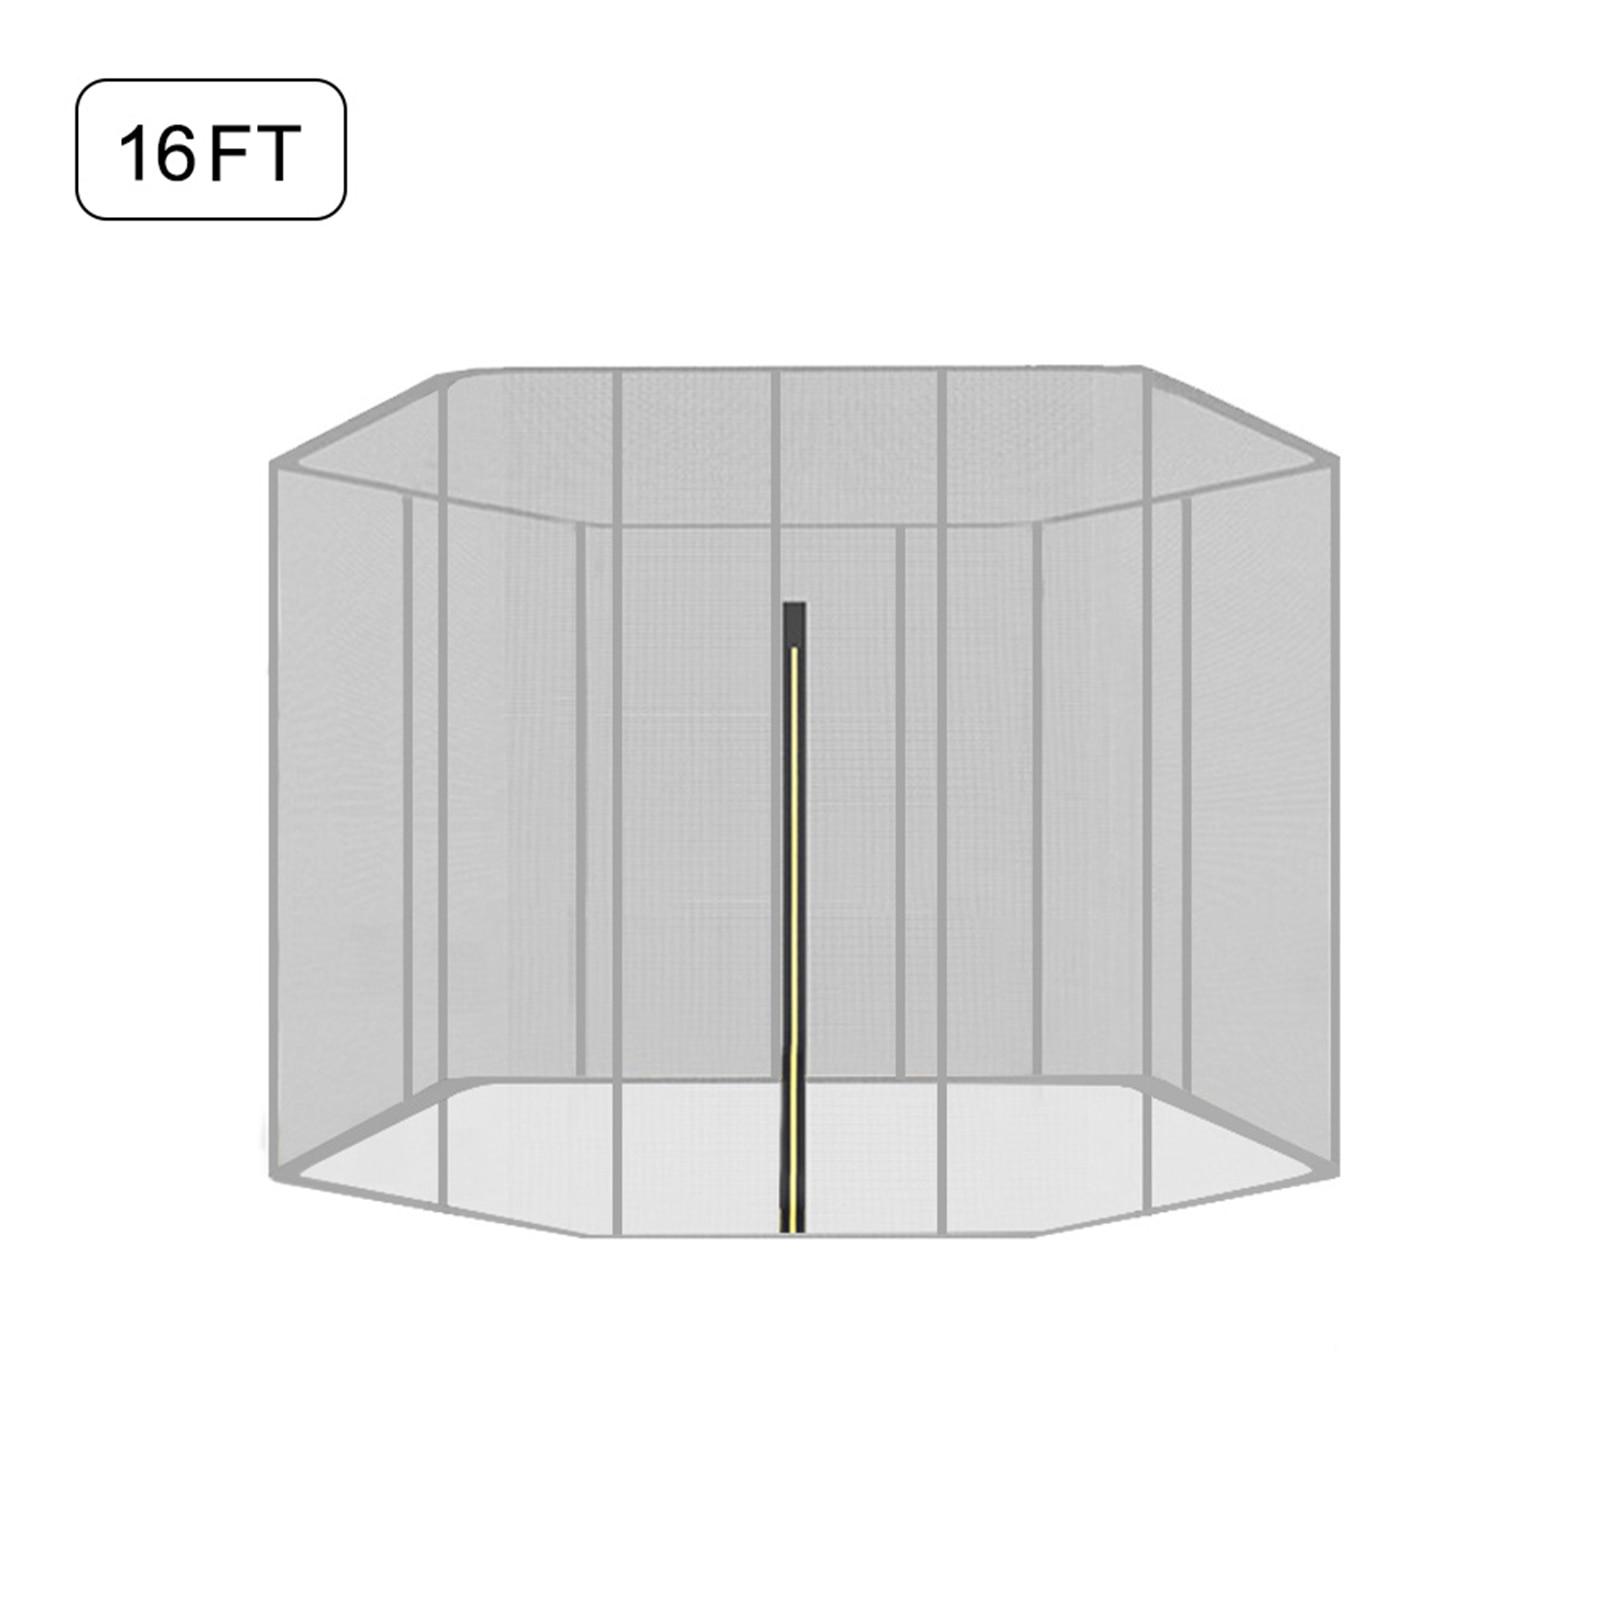 da rede 6-12 da segurança do trampolim do trampolim